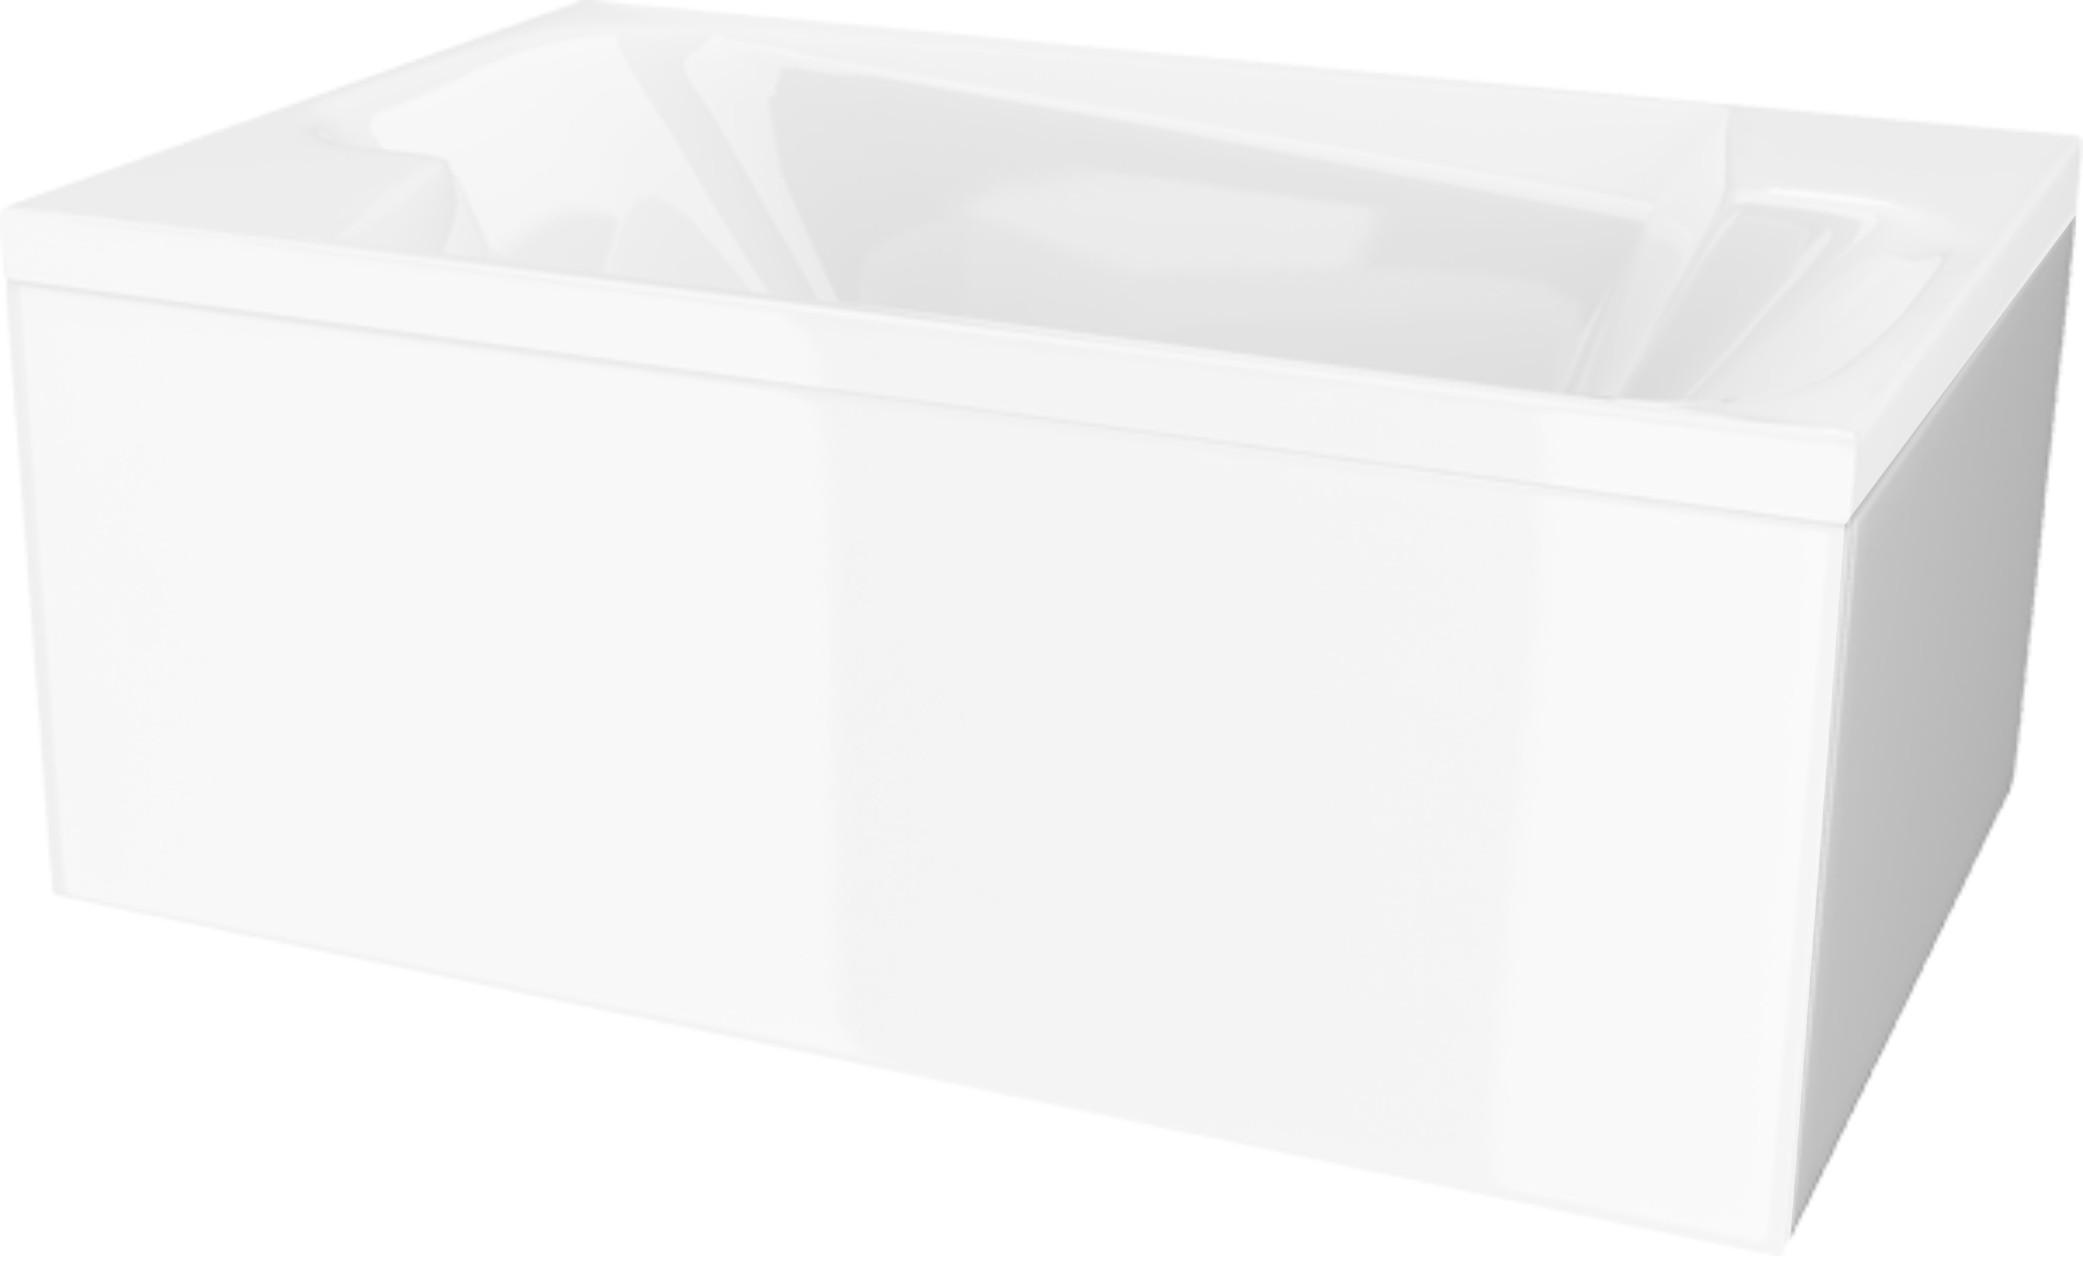 PADOVA II Hopa krycí boční panel k vaně, skladem